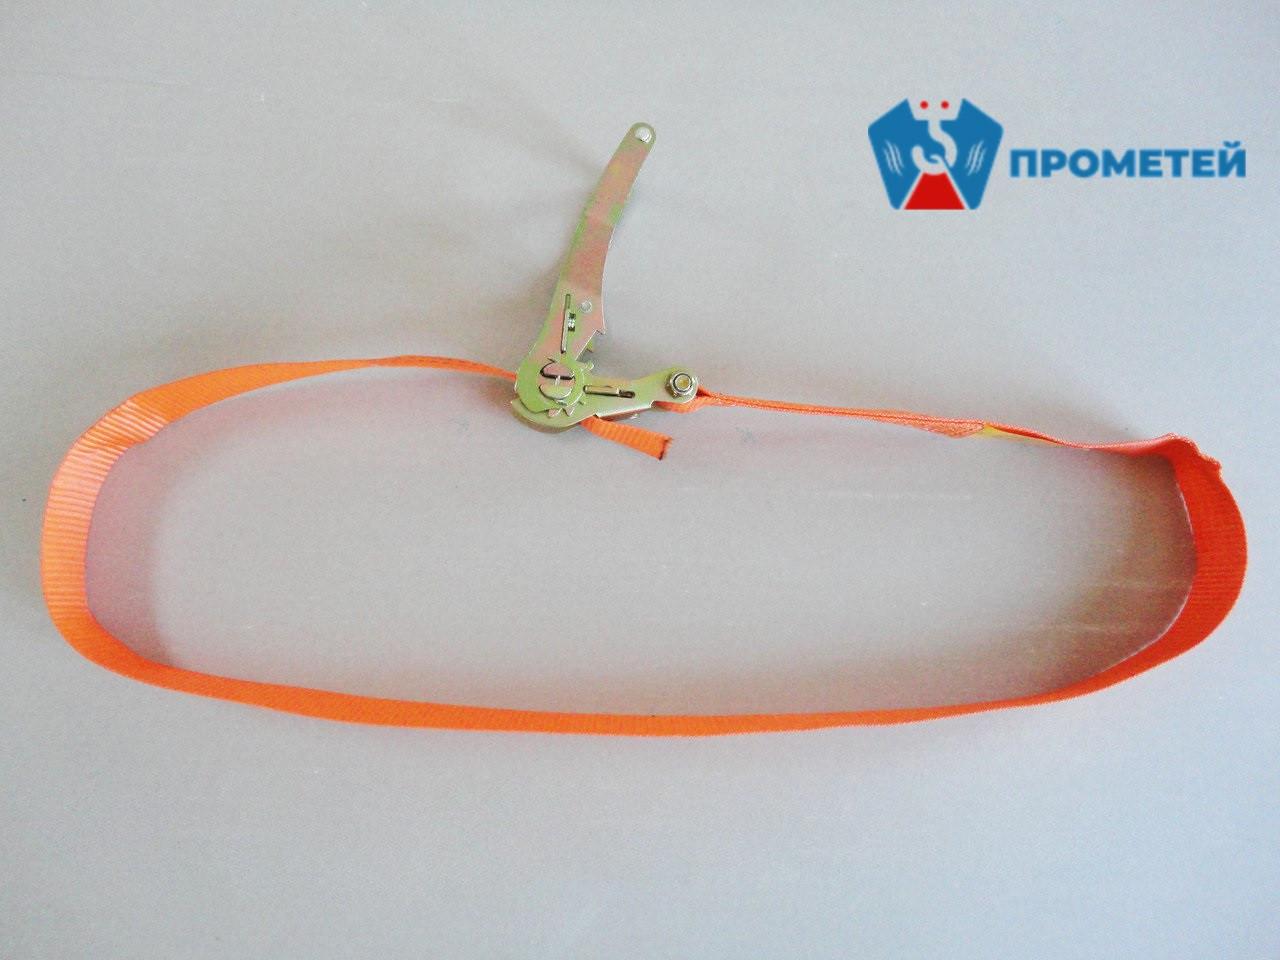 Стяжной ремень кольцевой 5 т. 1-10 метров (цена за 1 метр)